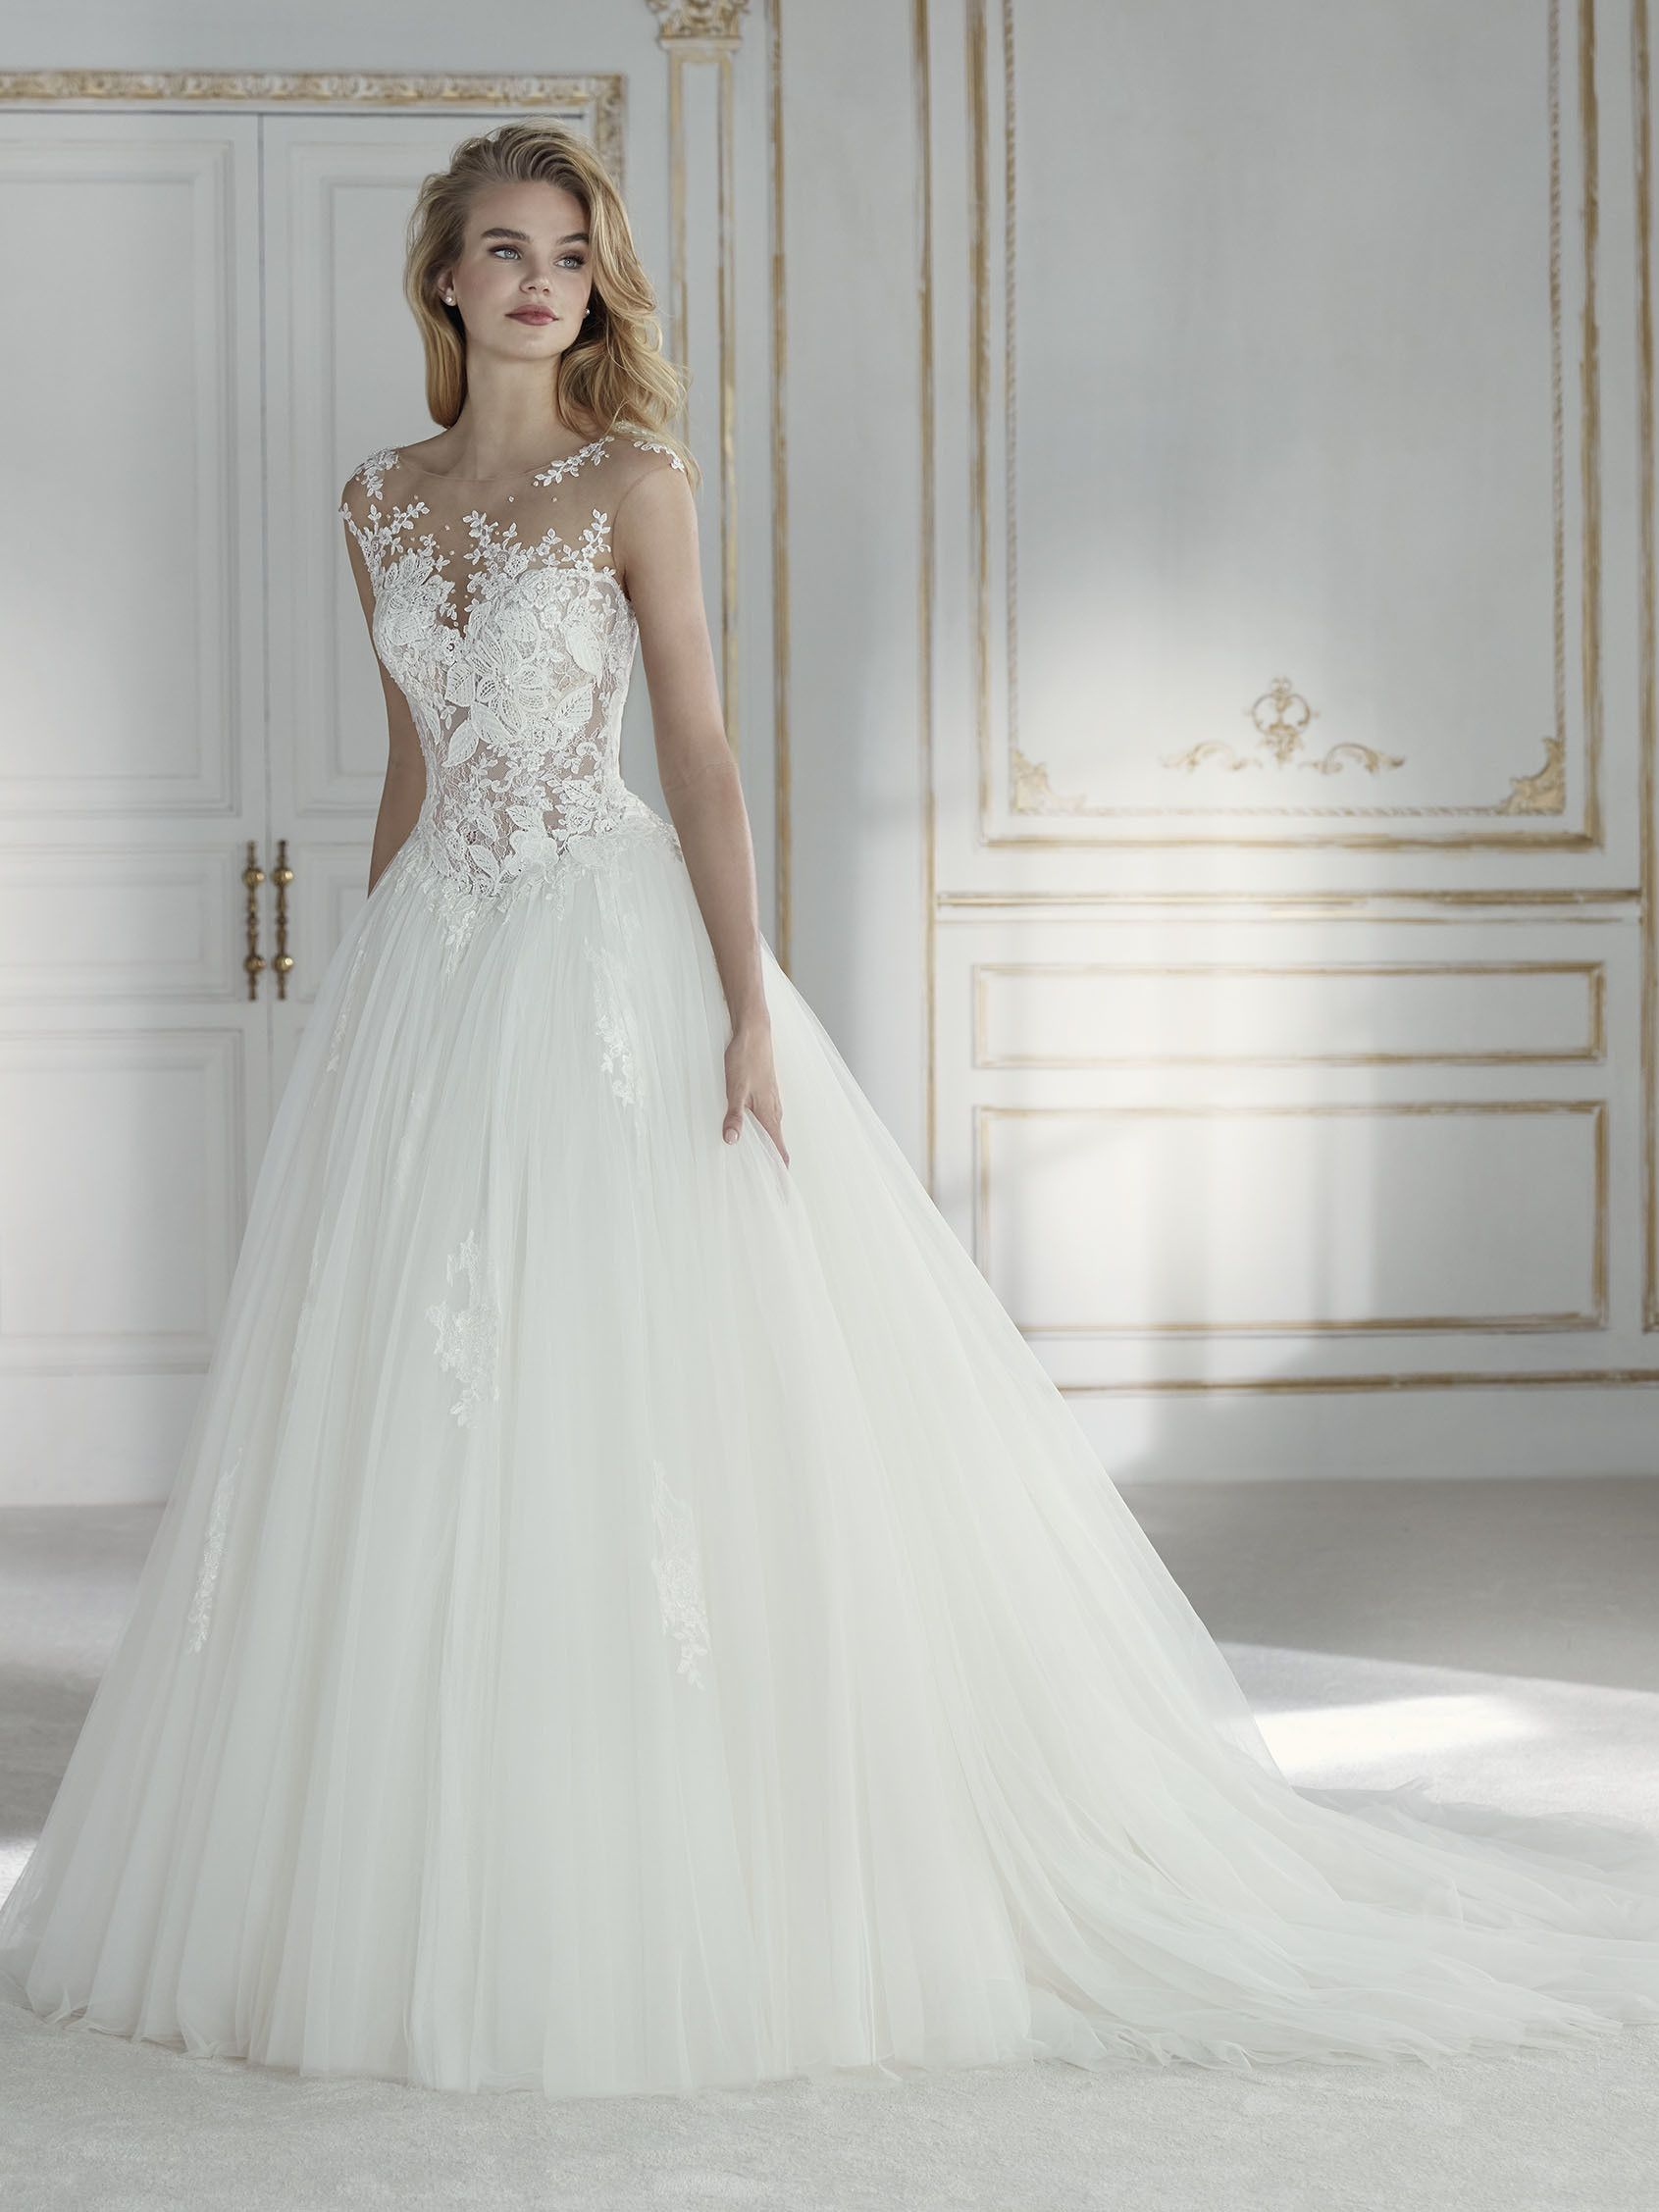 Top 13 Brautkleider Läden in Alicante in 13  Kleider hochzeit